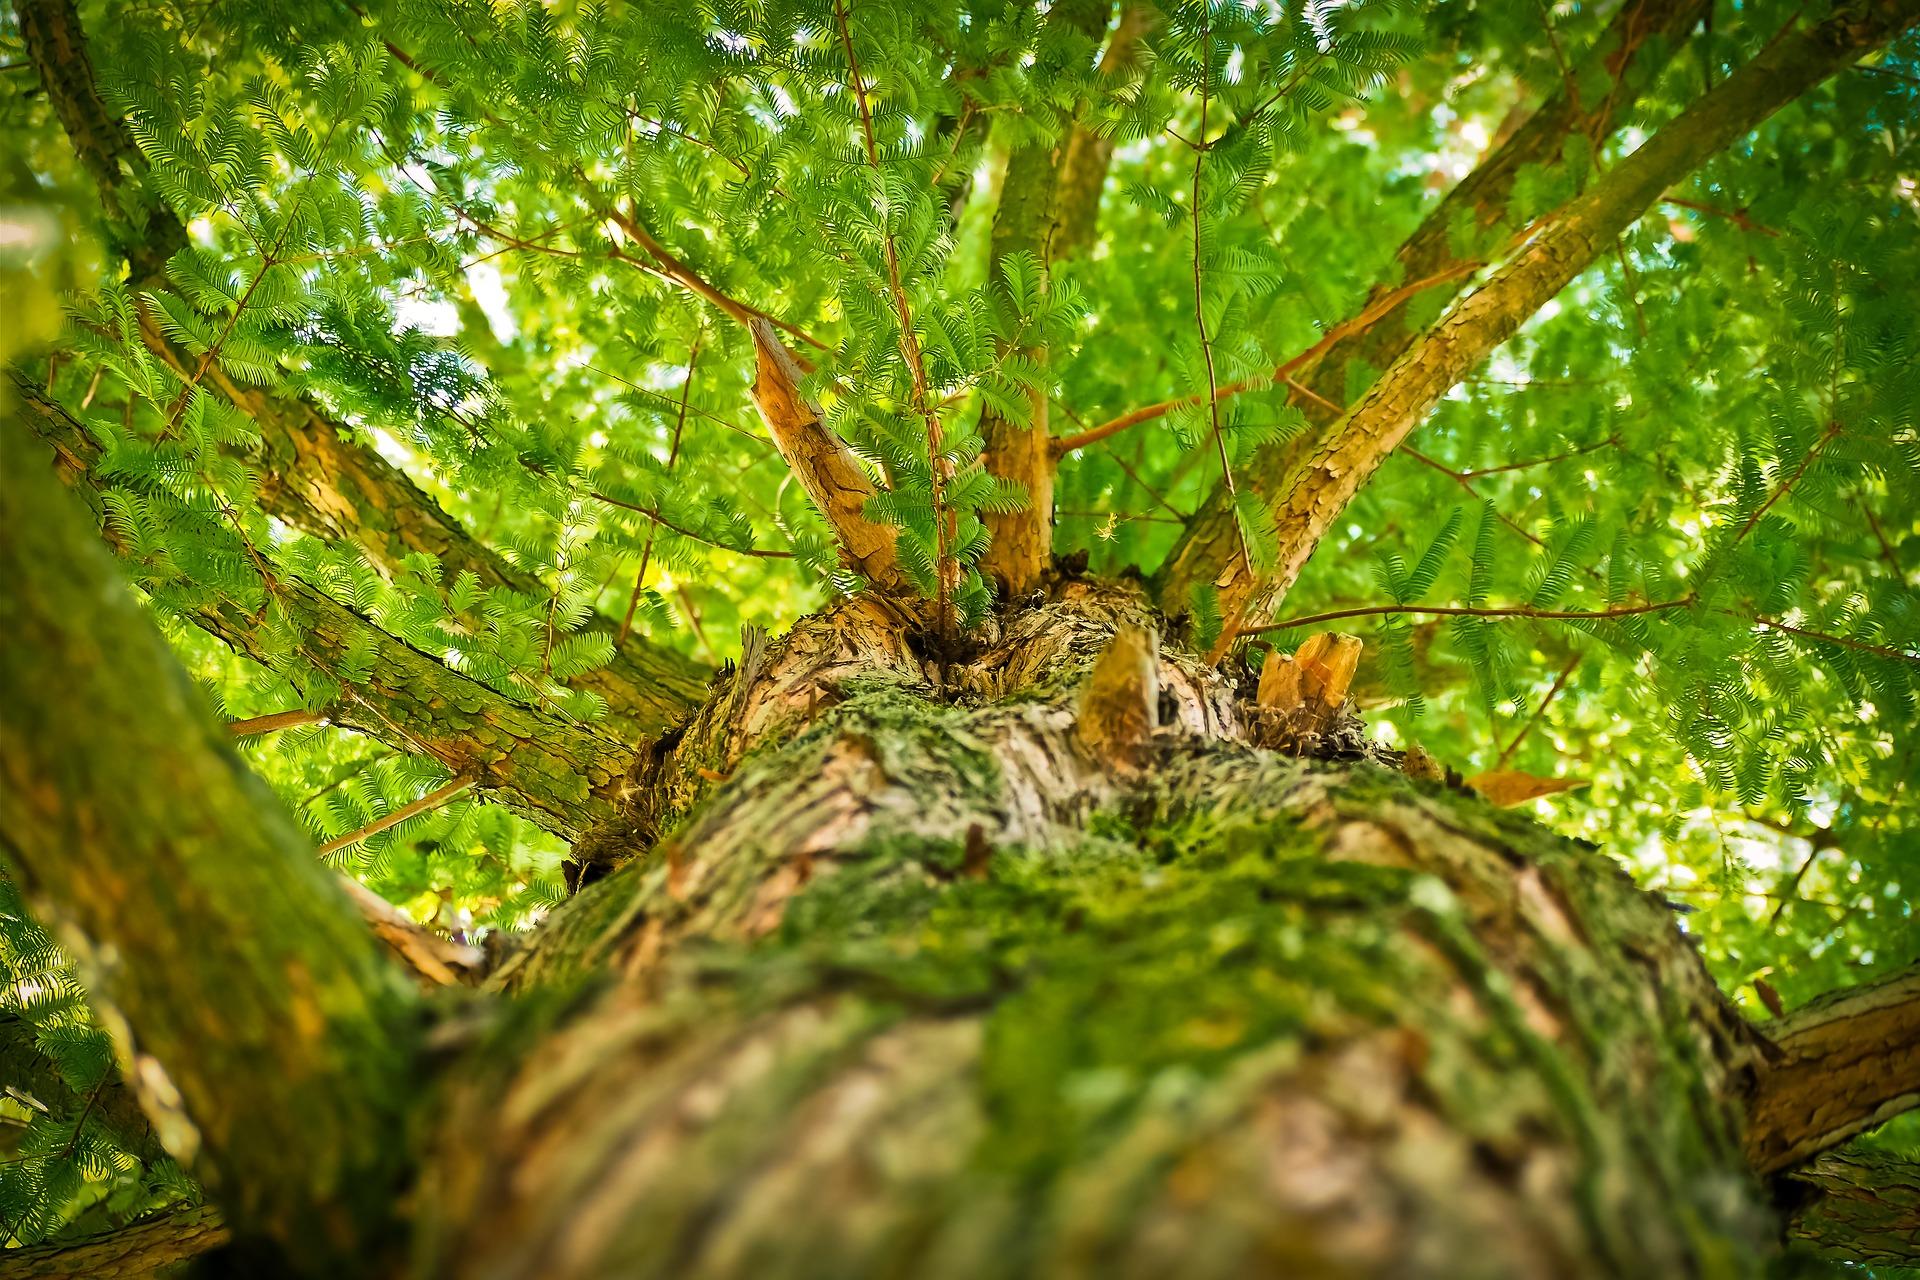 Nuove tendenze la natura entra nell arredamento per for Nuove tendenze arredamento